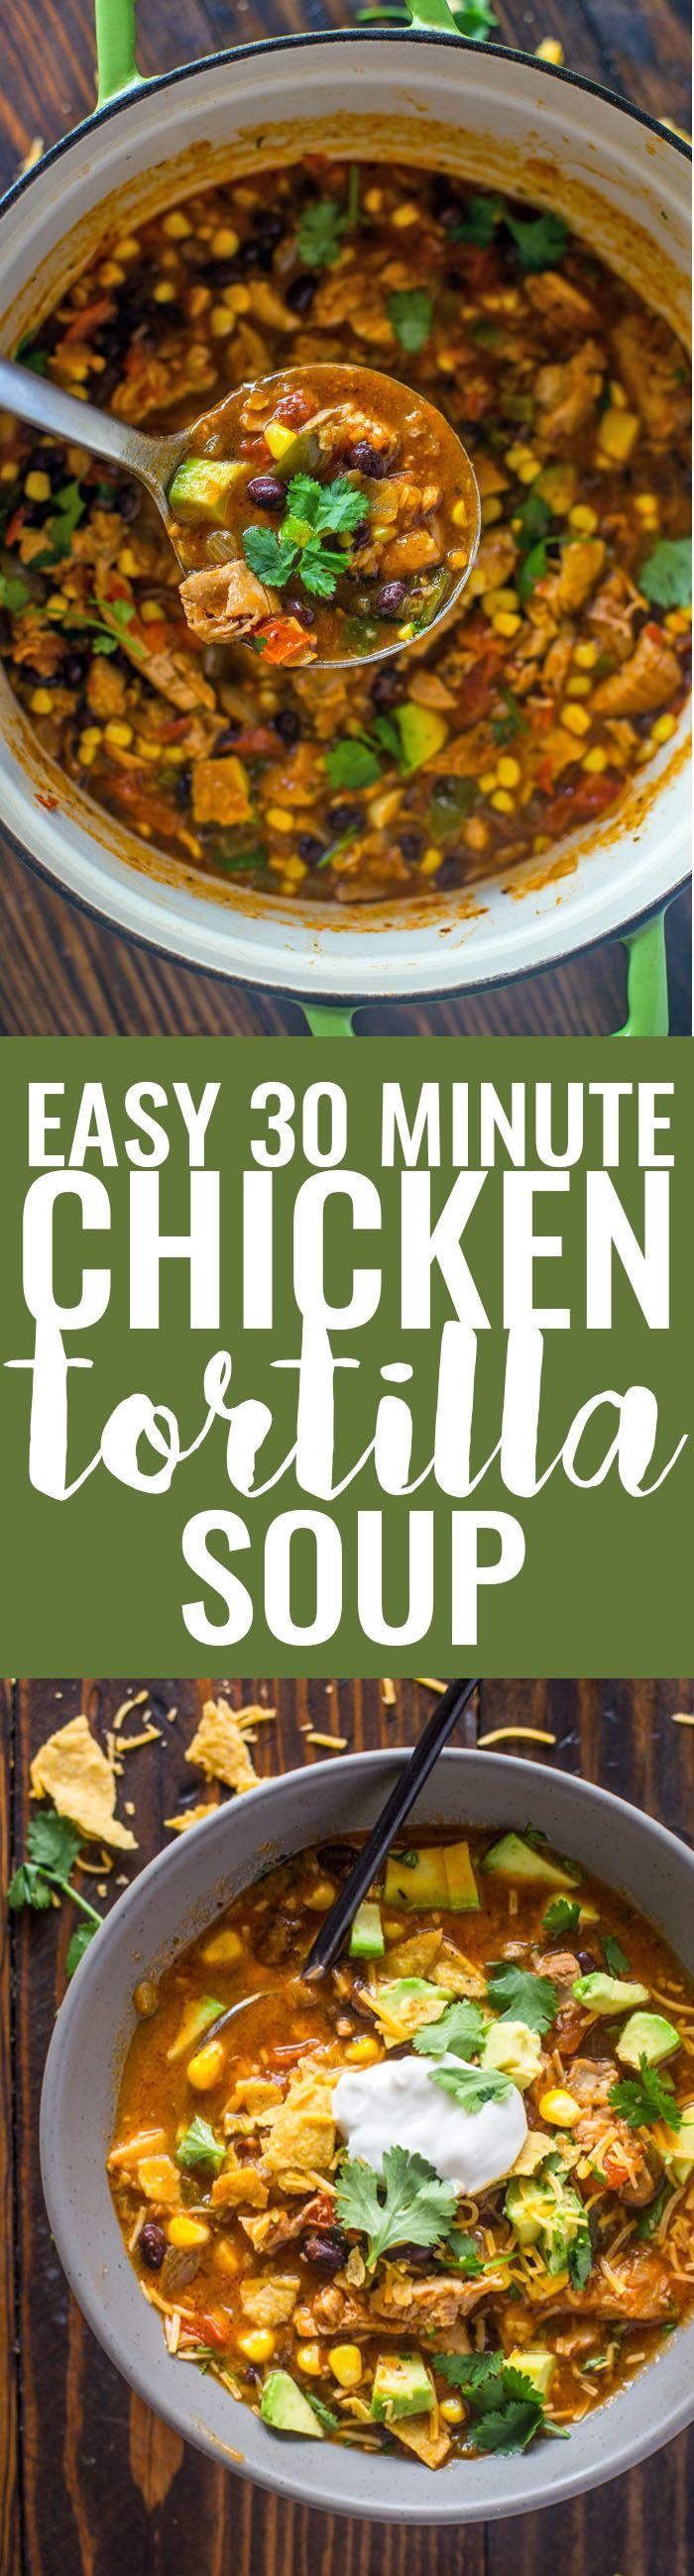 Easy Chicken Tortilla Soup | Gimme Delicious